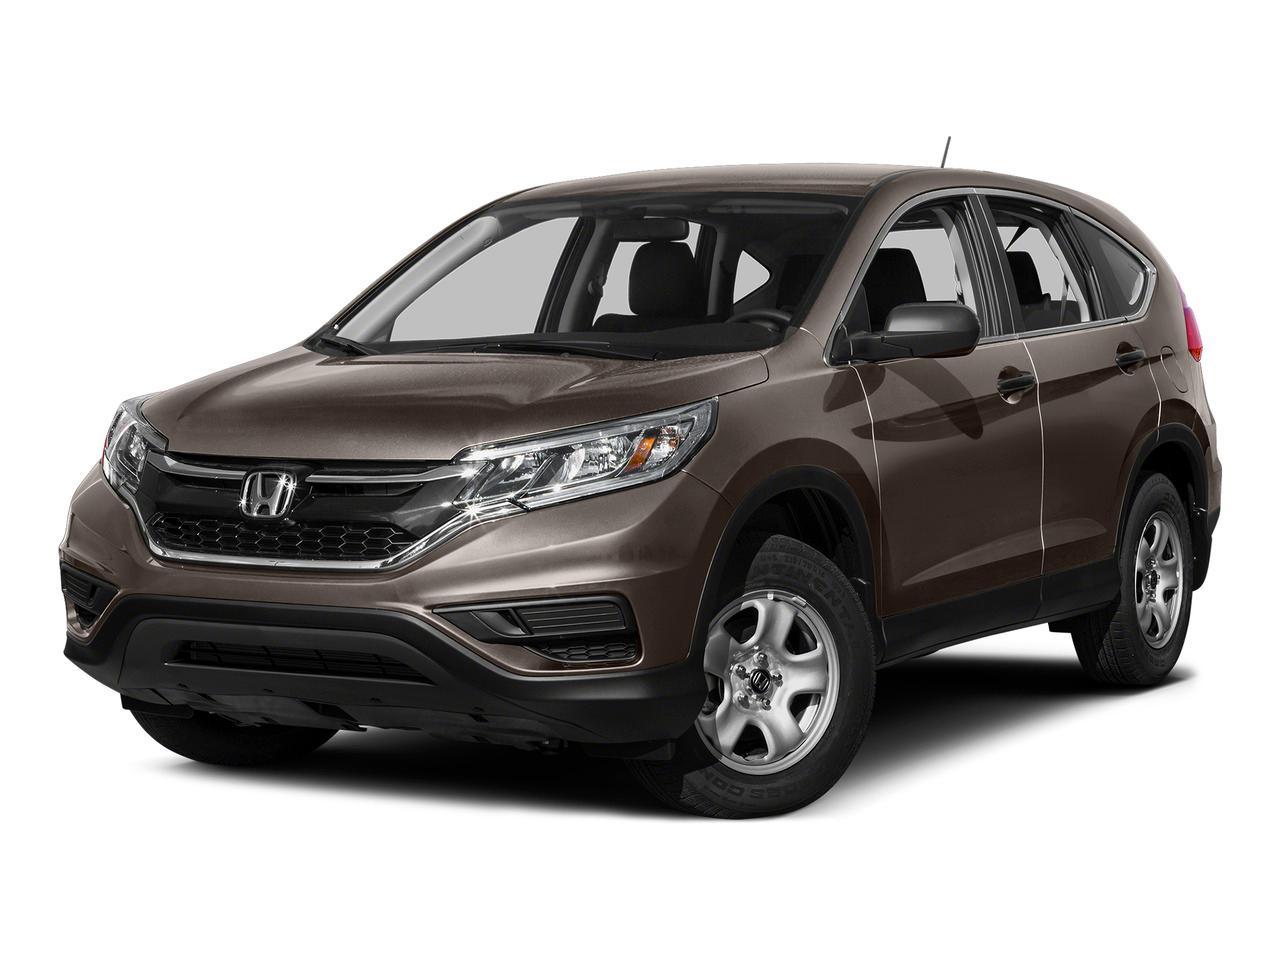 2015 Honda CR-V Vehicle Photo in Medina, OH 44256